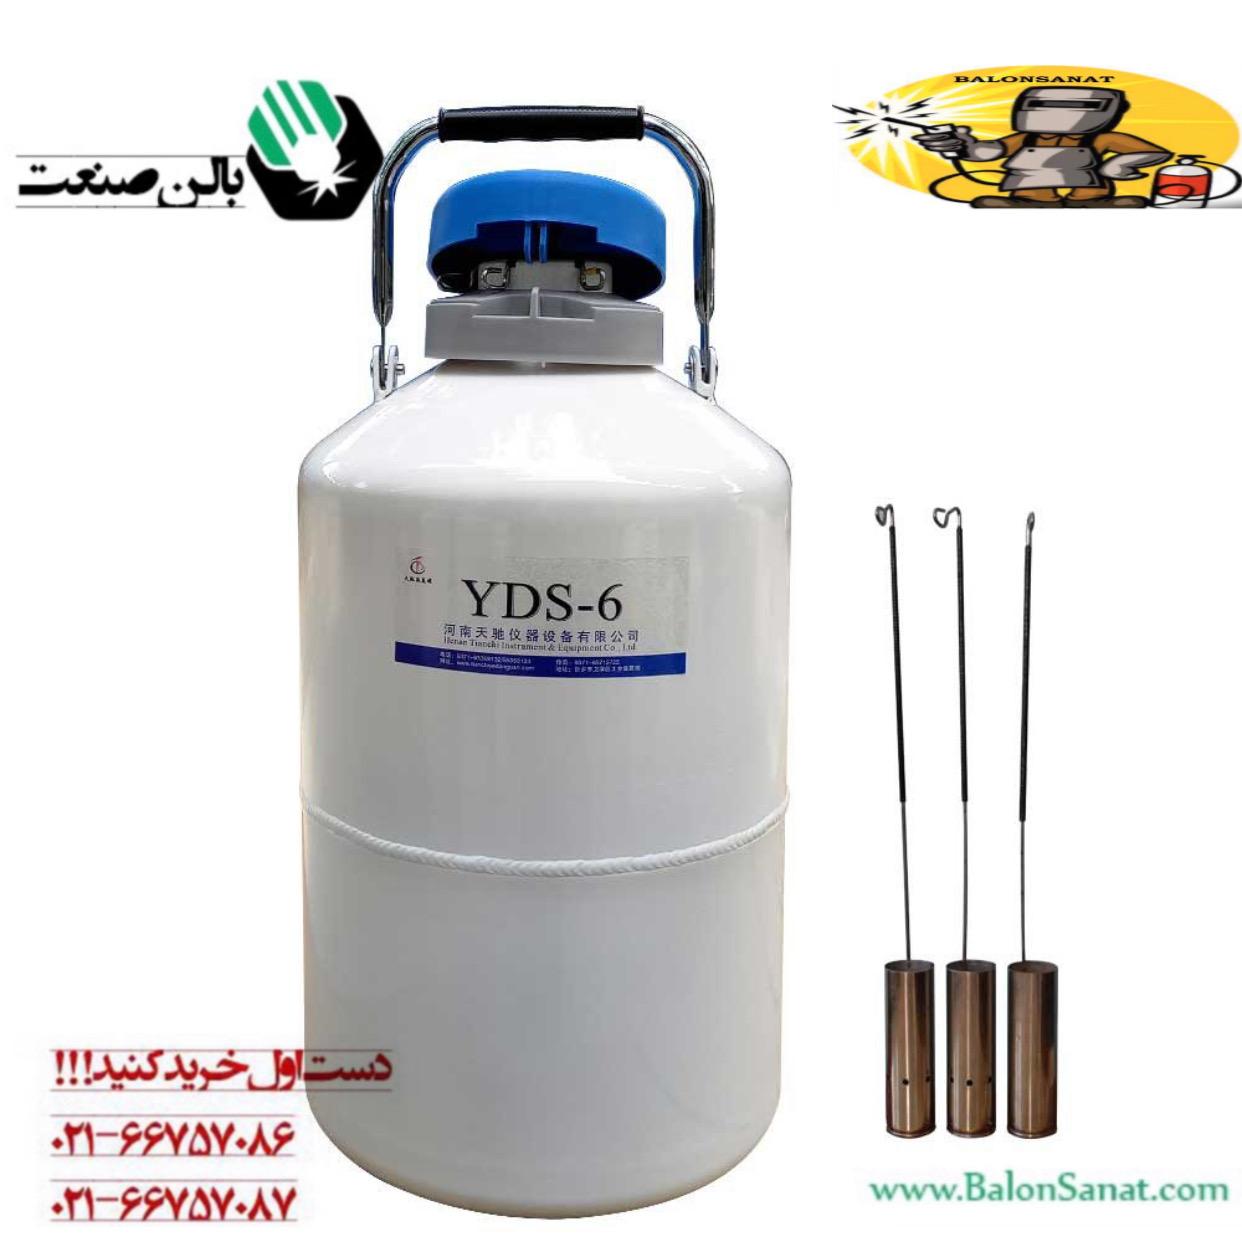 فلاسک نیتروژن 6 لیتری yds